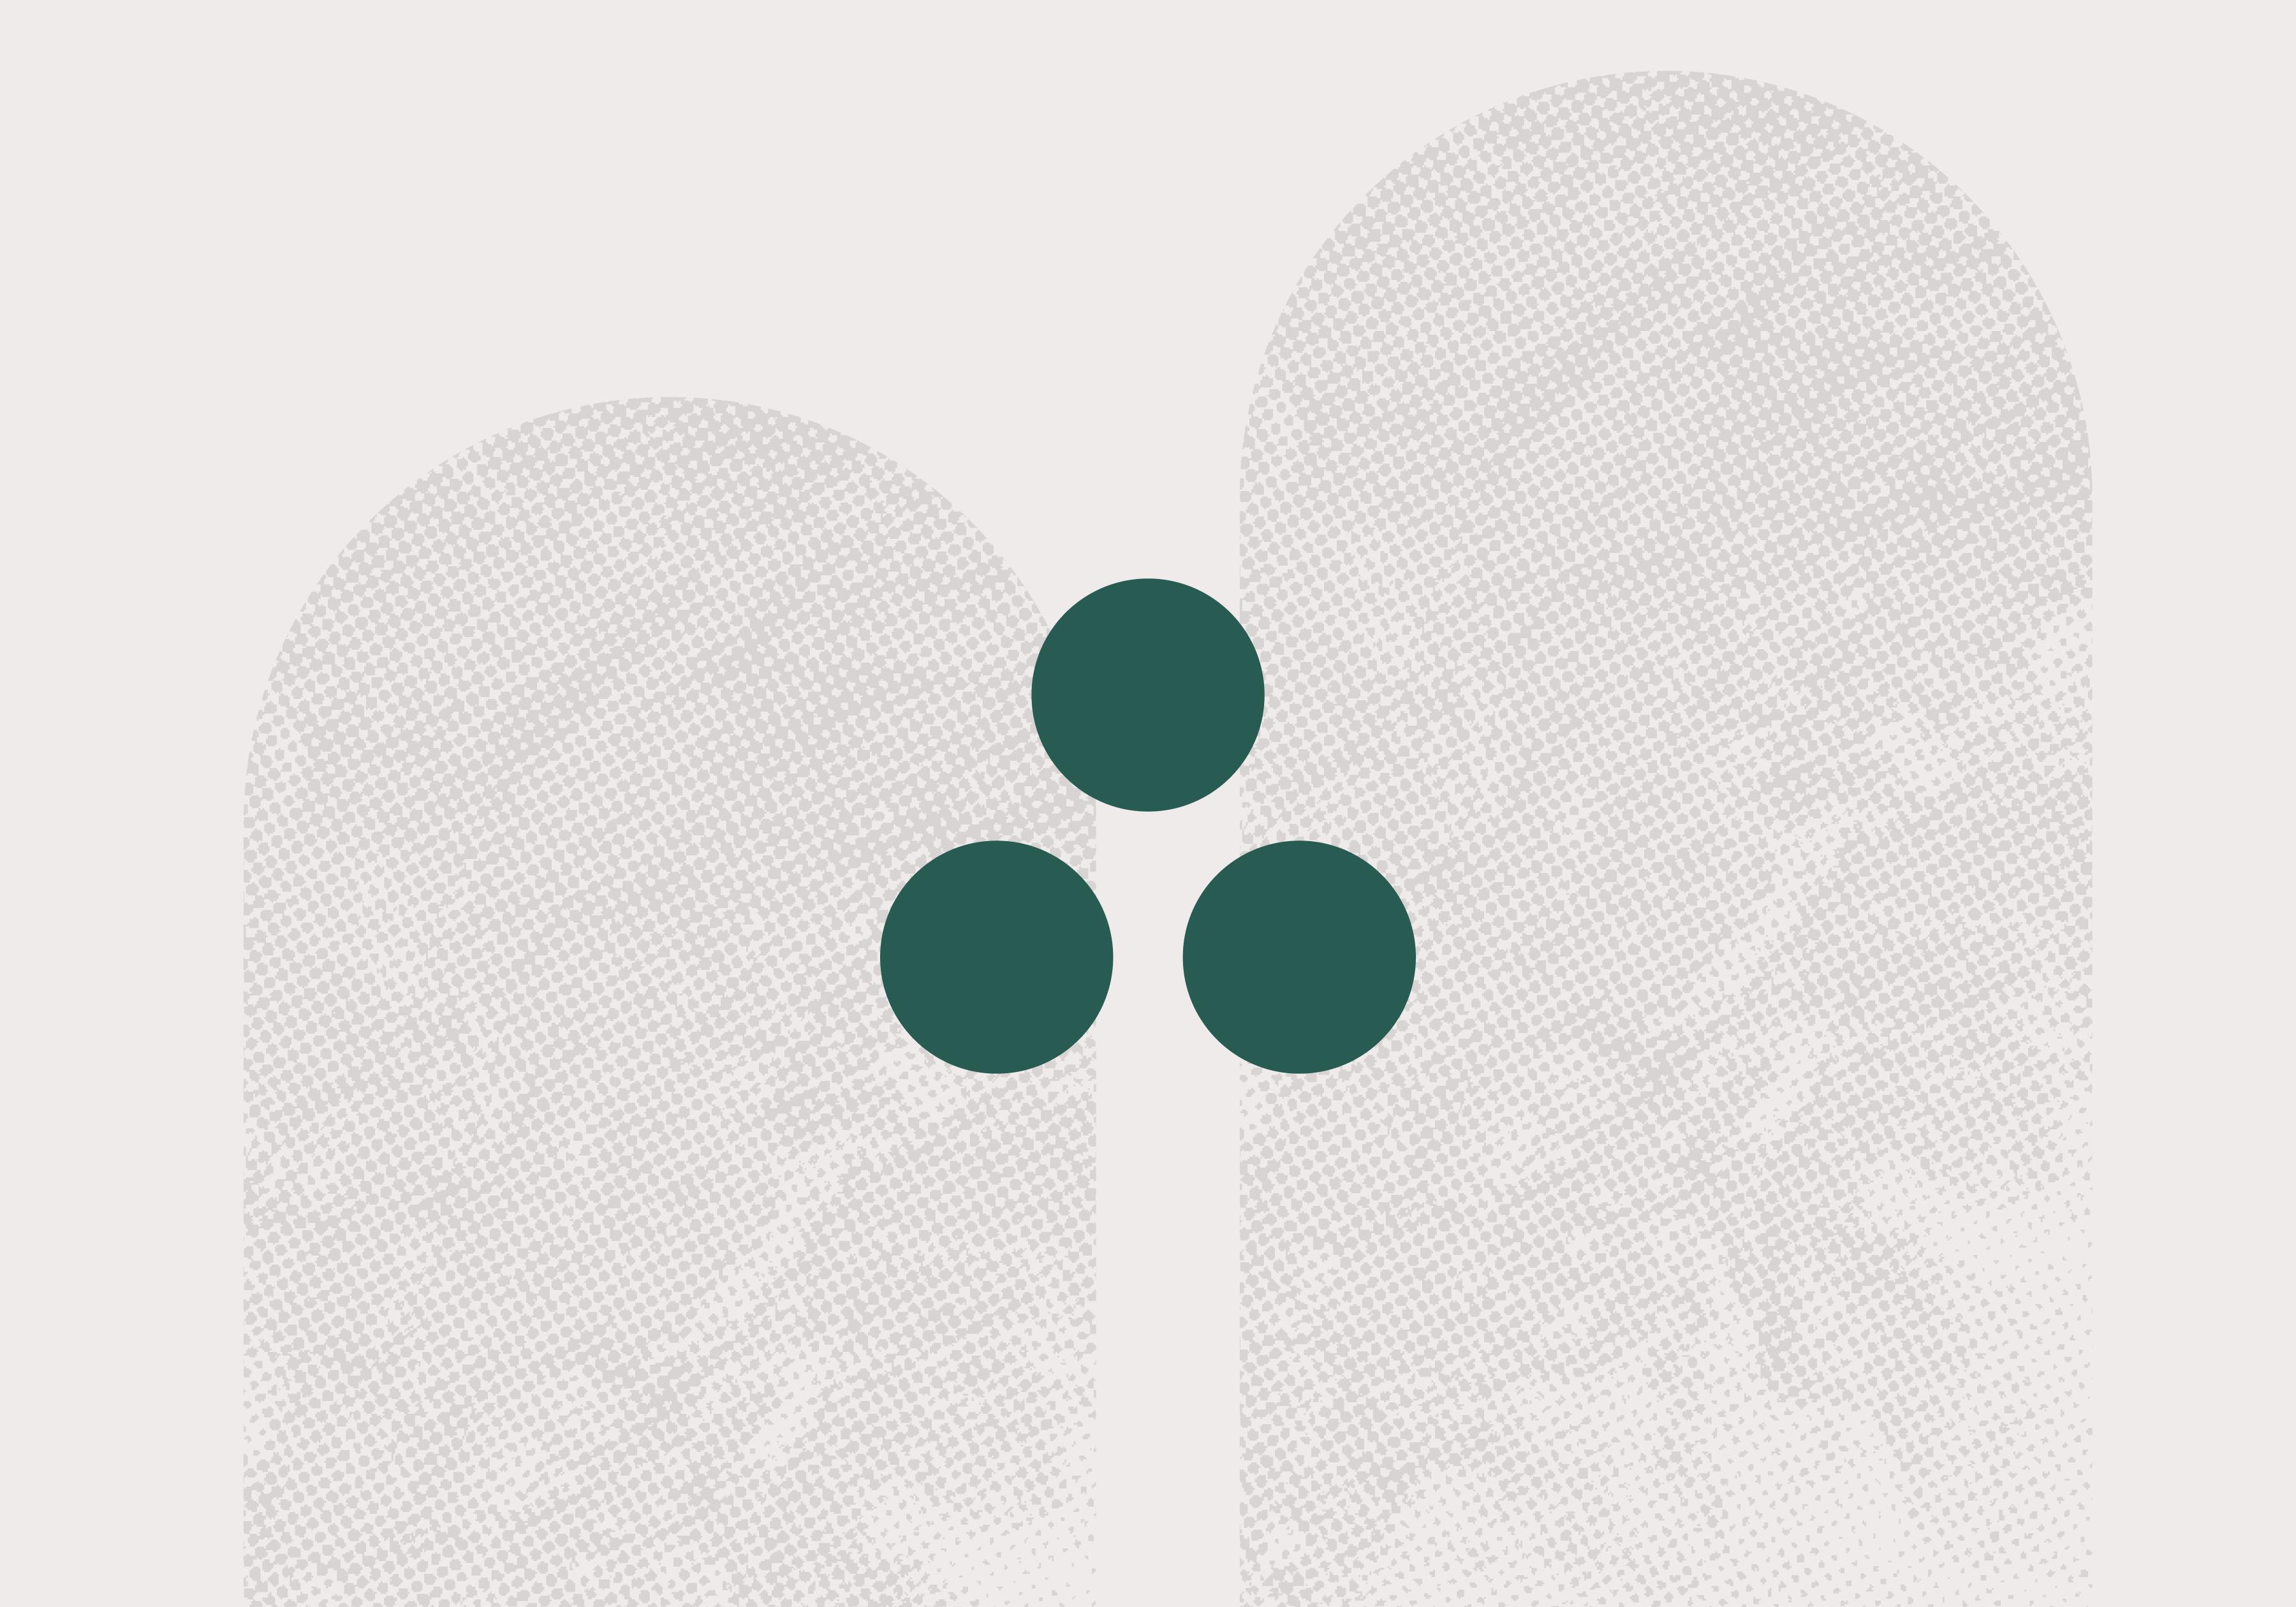 Imagem do banner do artigo sobre 5 maneiras de motivar equipes remotas